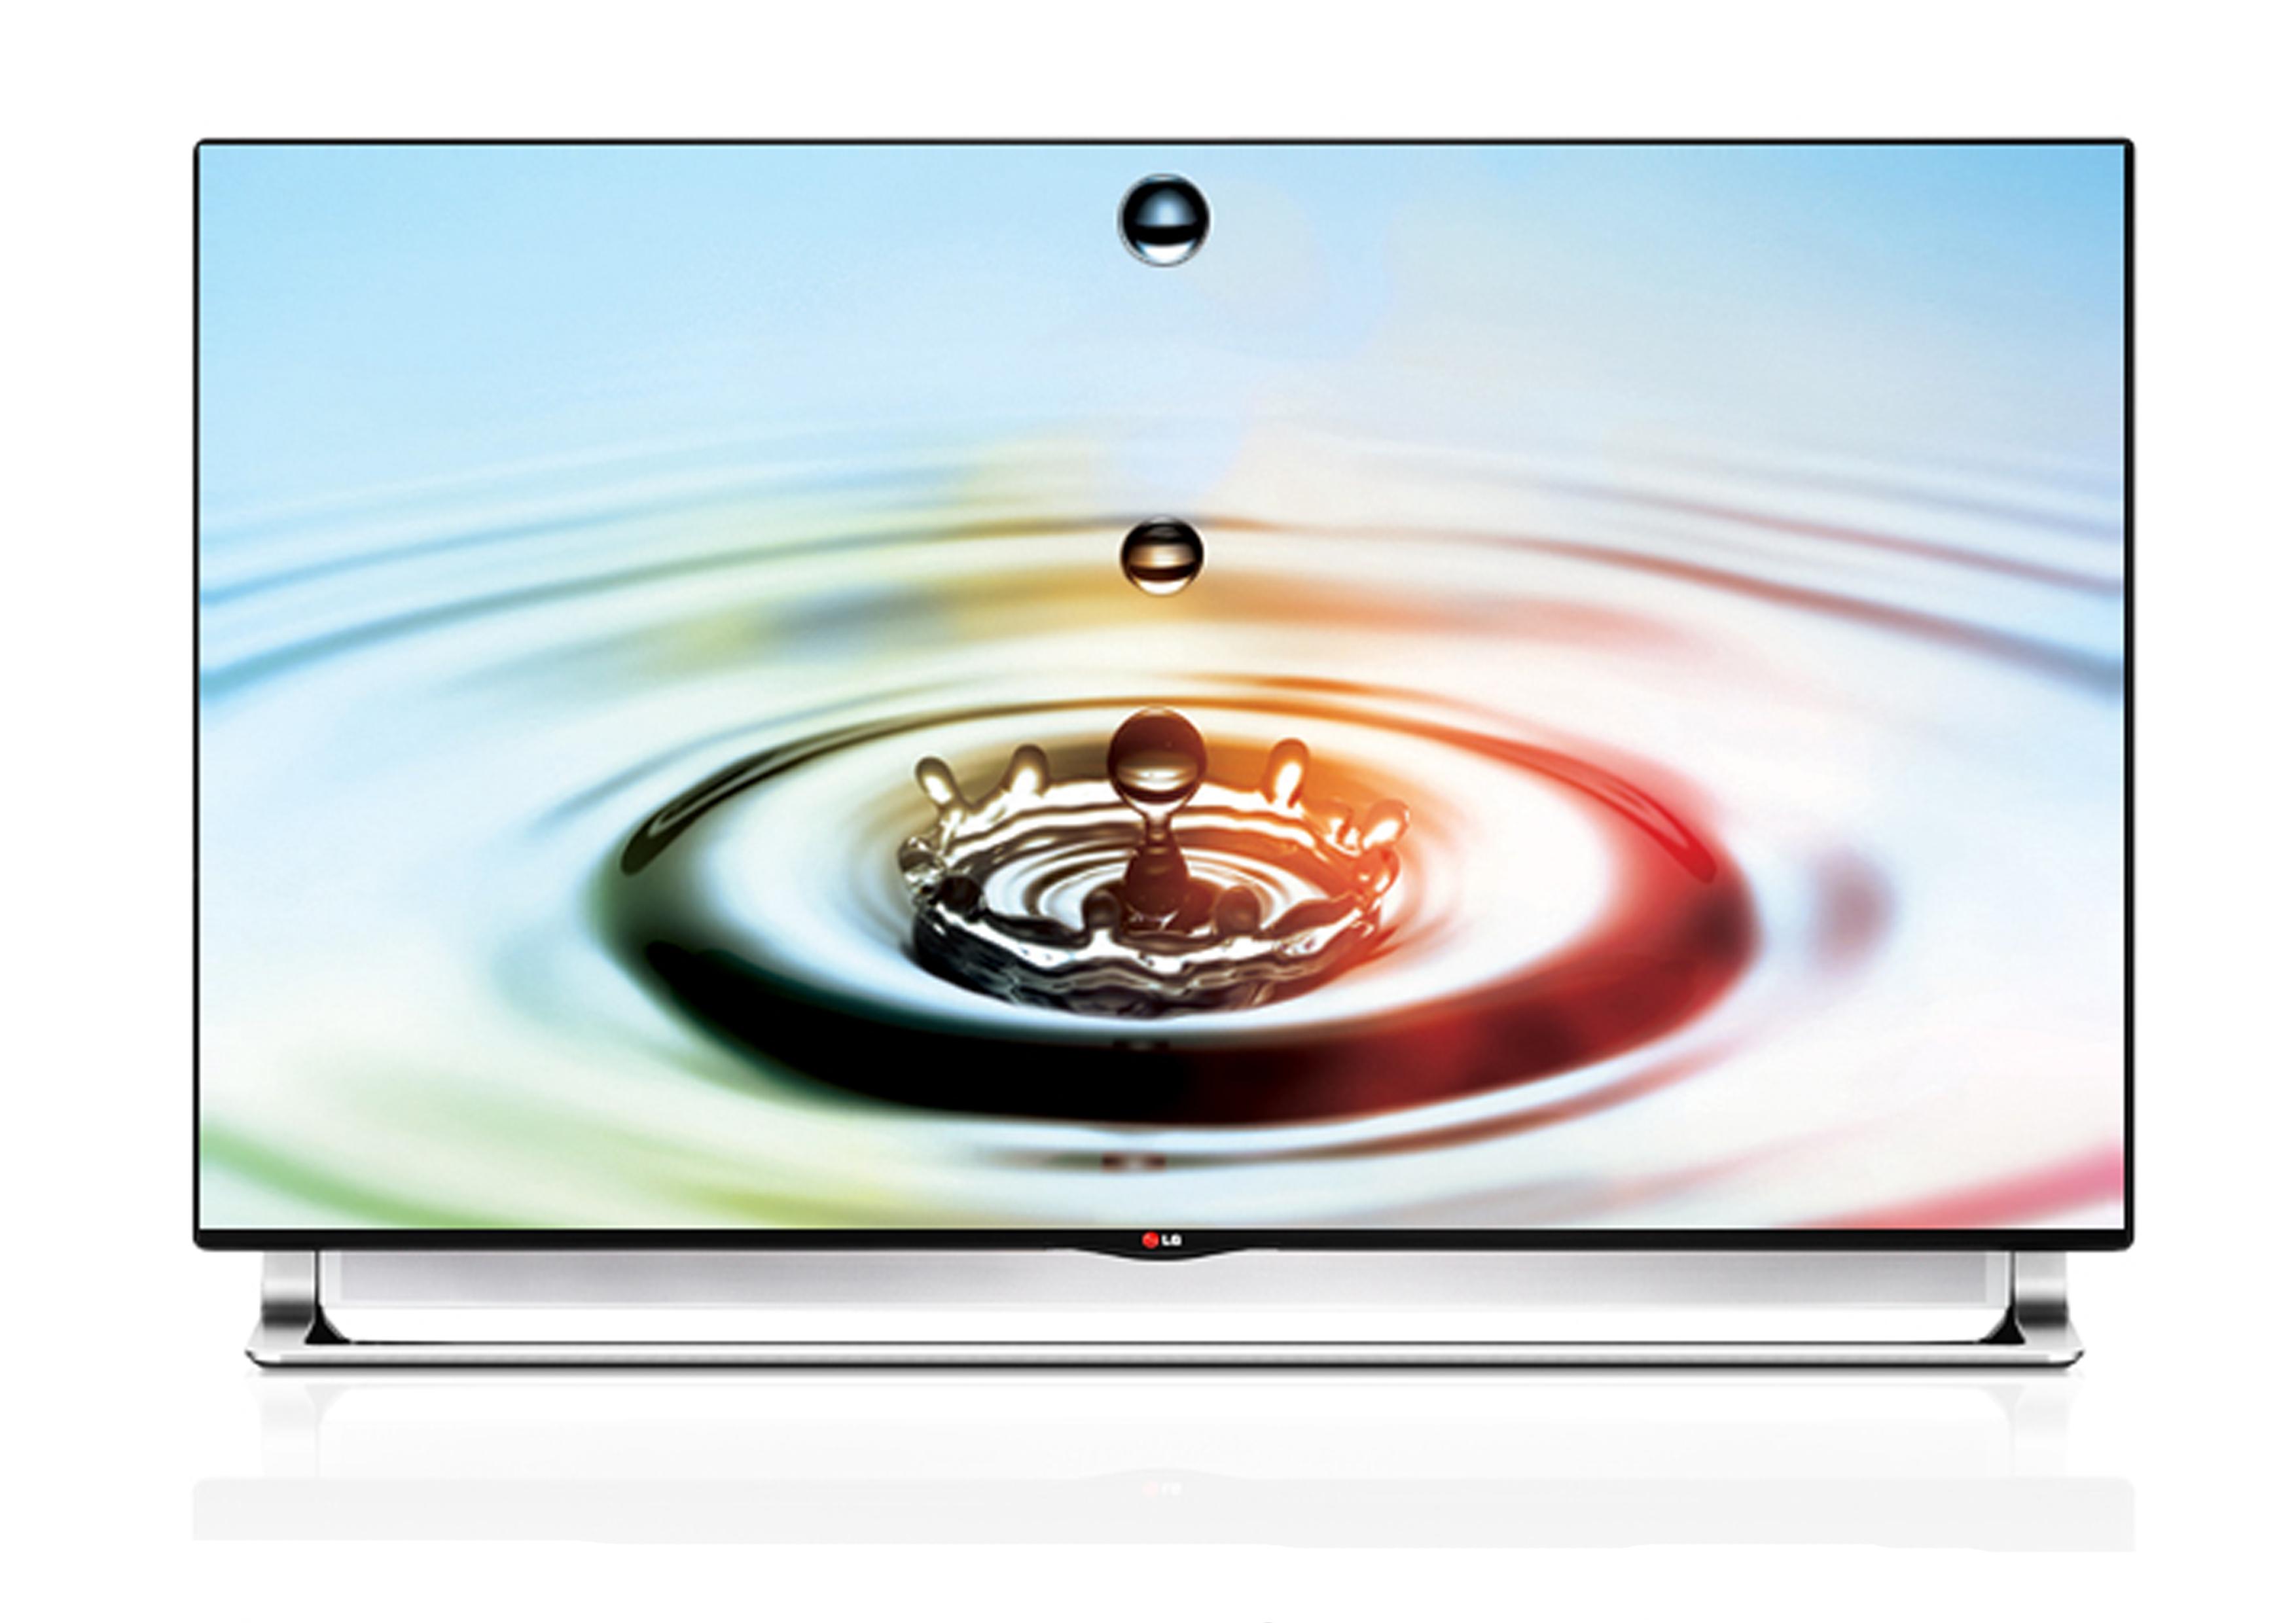 LG ULTRA HD TV 1